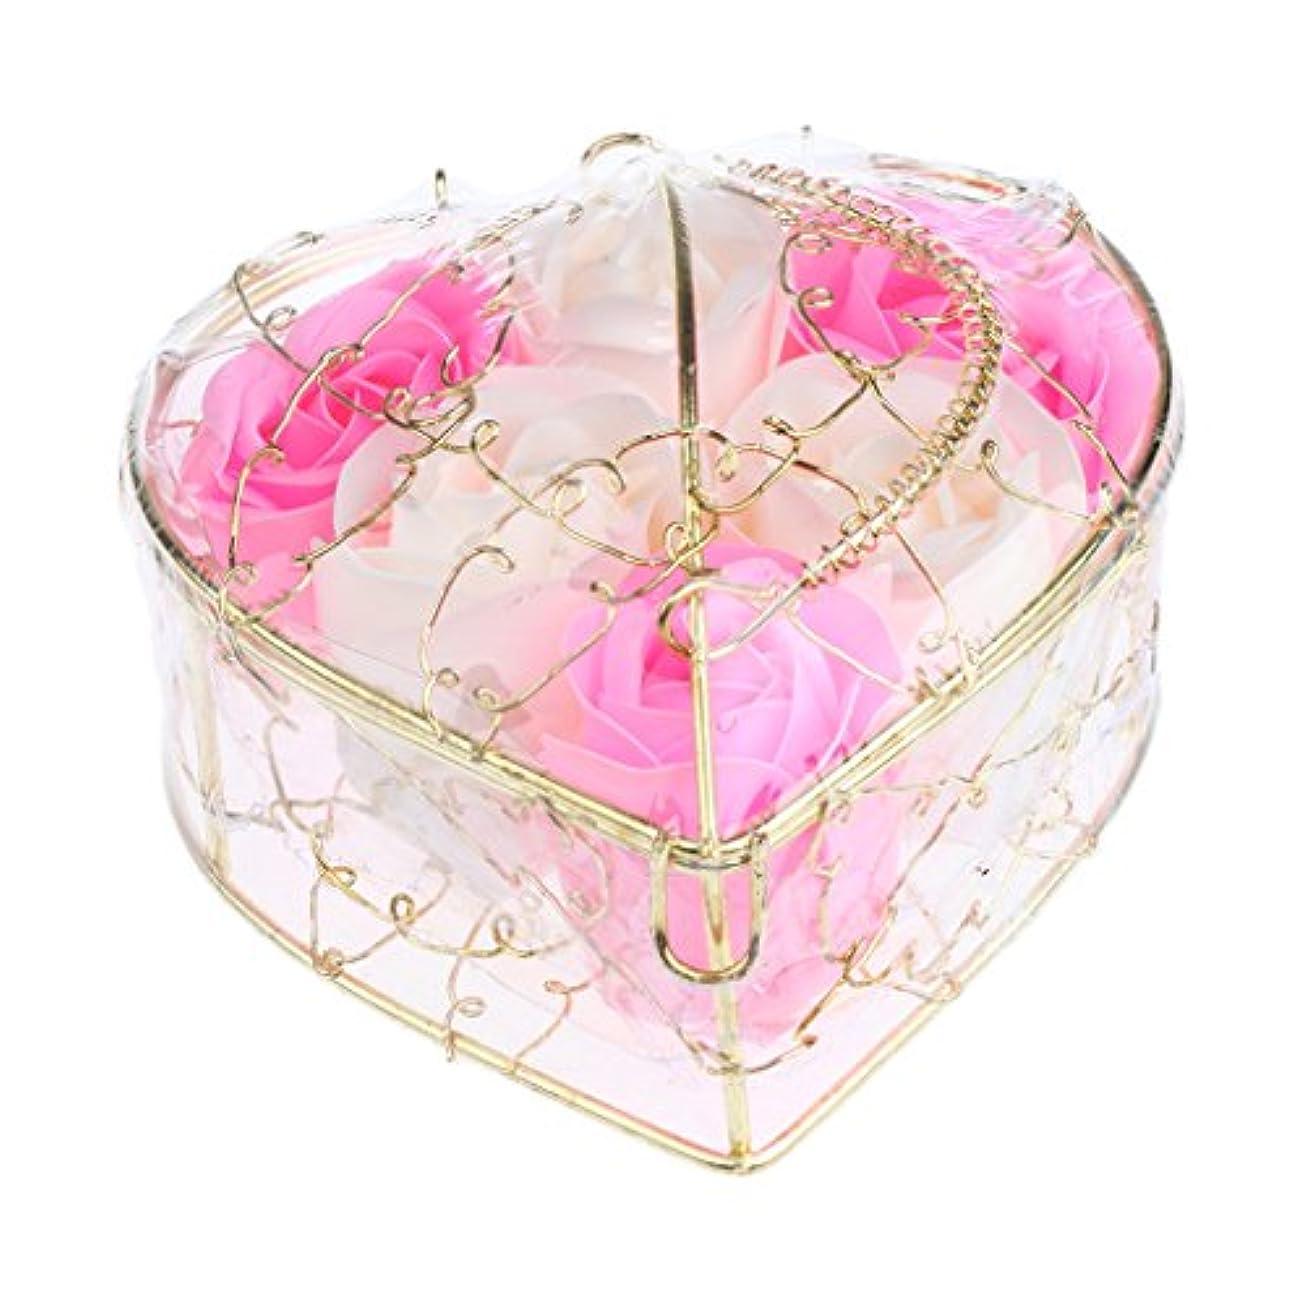 ペイントリベラルマークされたsharprepublic 母の日のための6個のバラ石鹸の花びらのギフトボックス - ピンクとホワイト